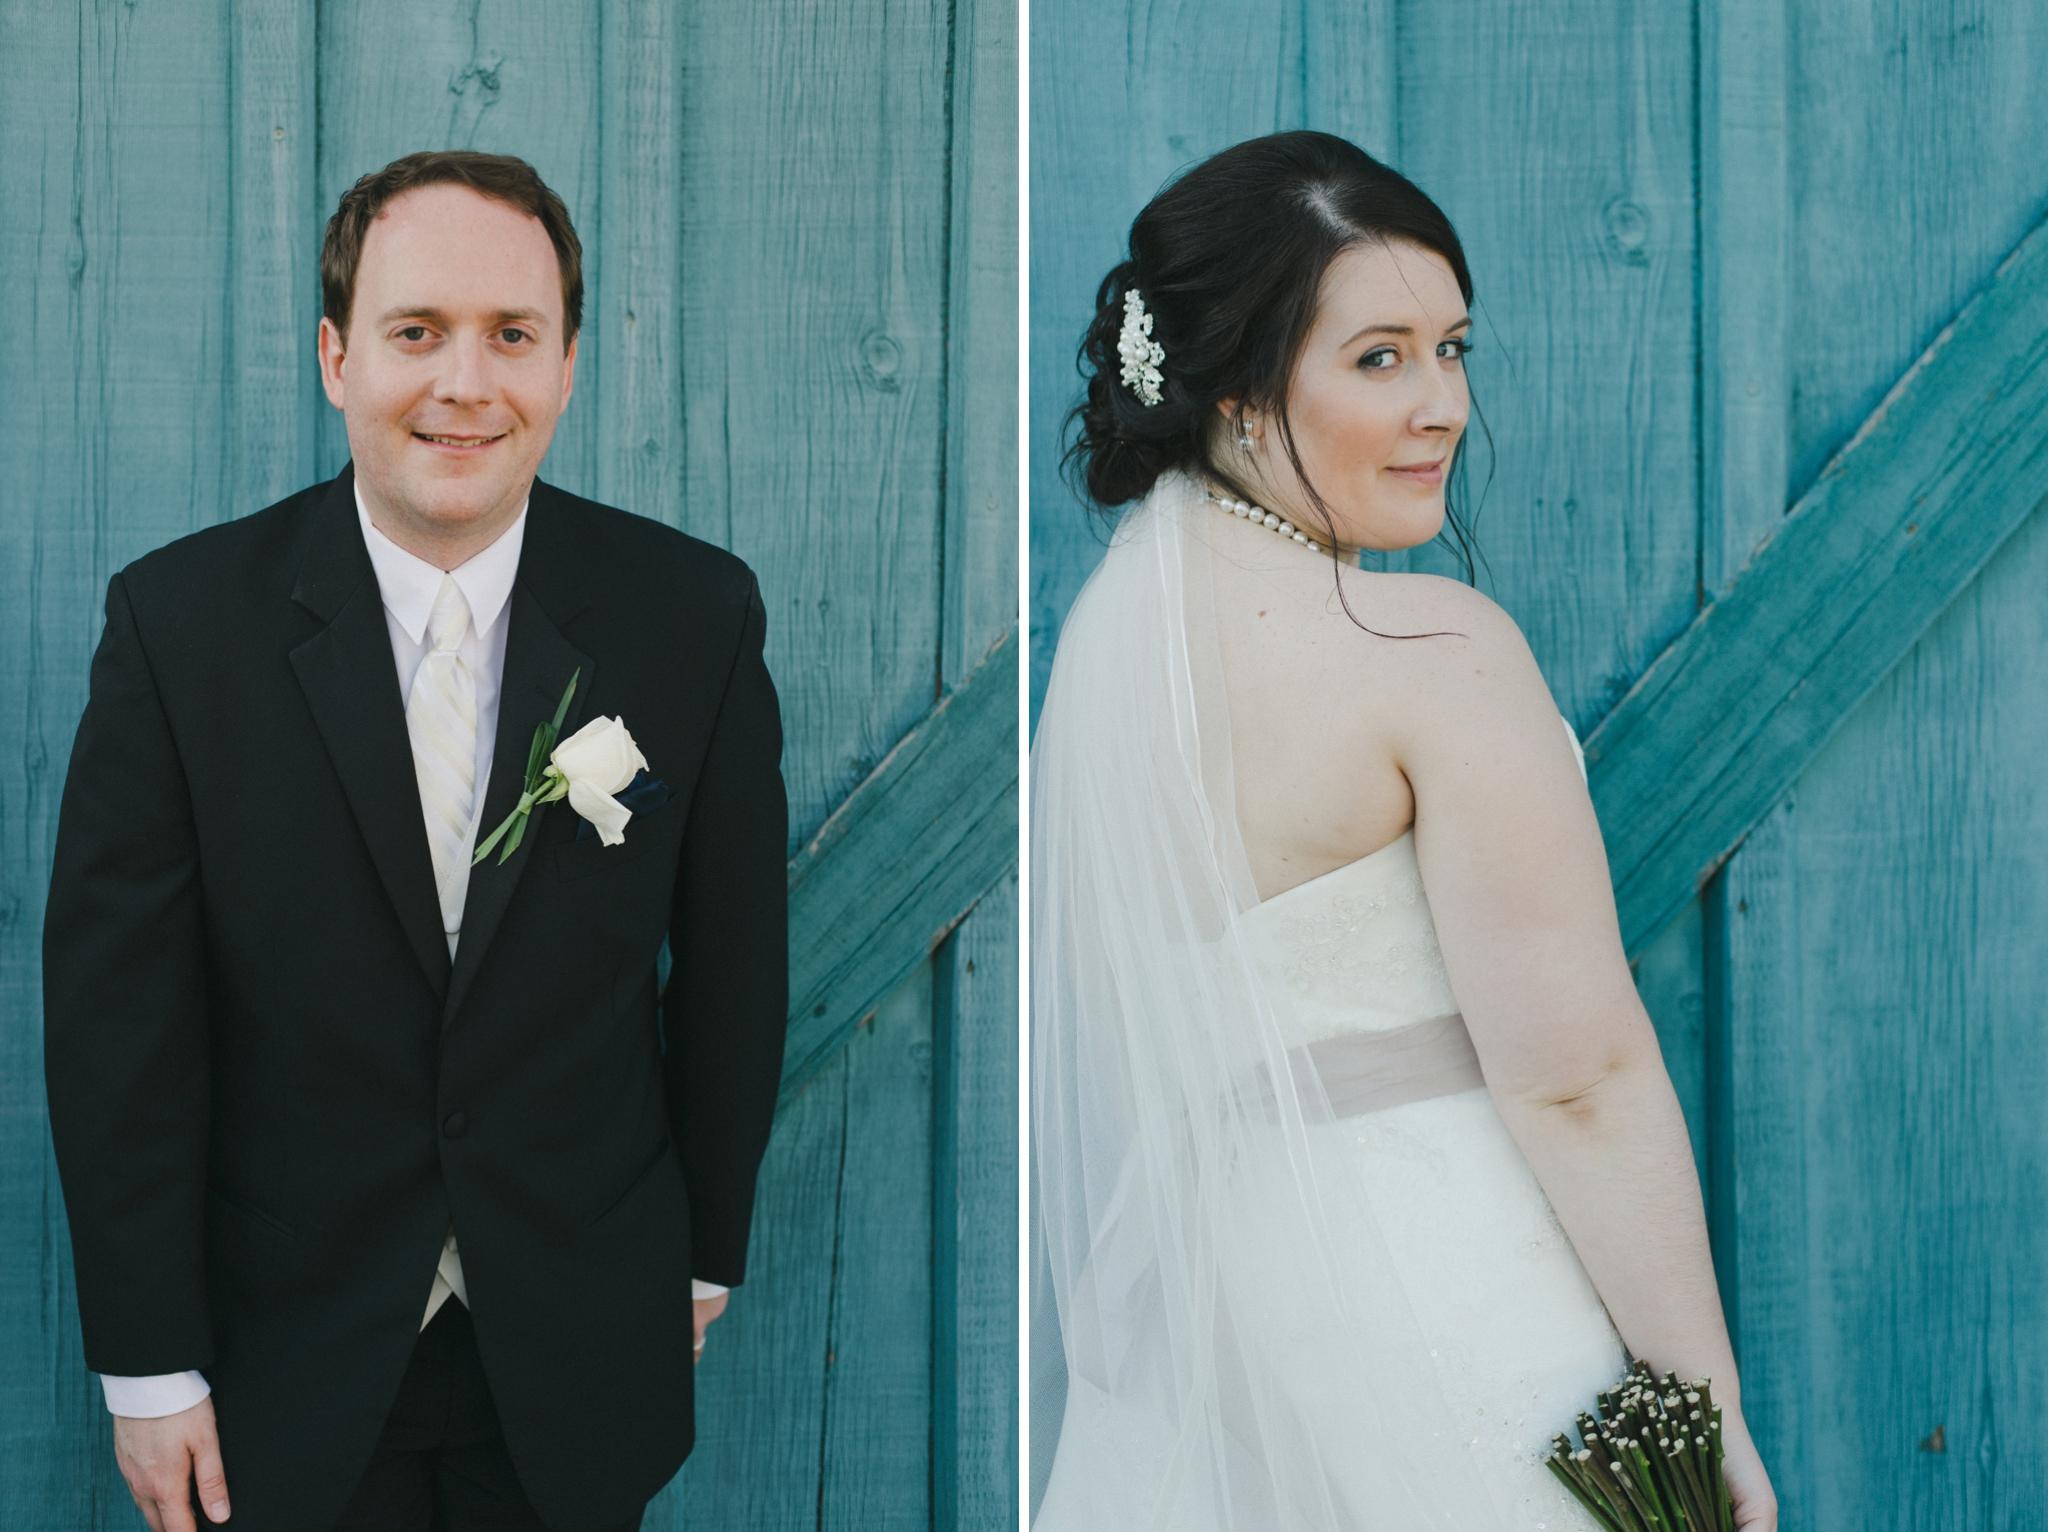 33-bride-and-groom-by-blue-wood-door-hernder.jpg